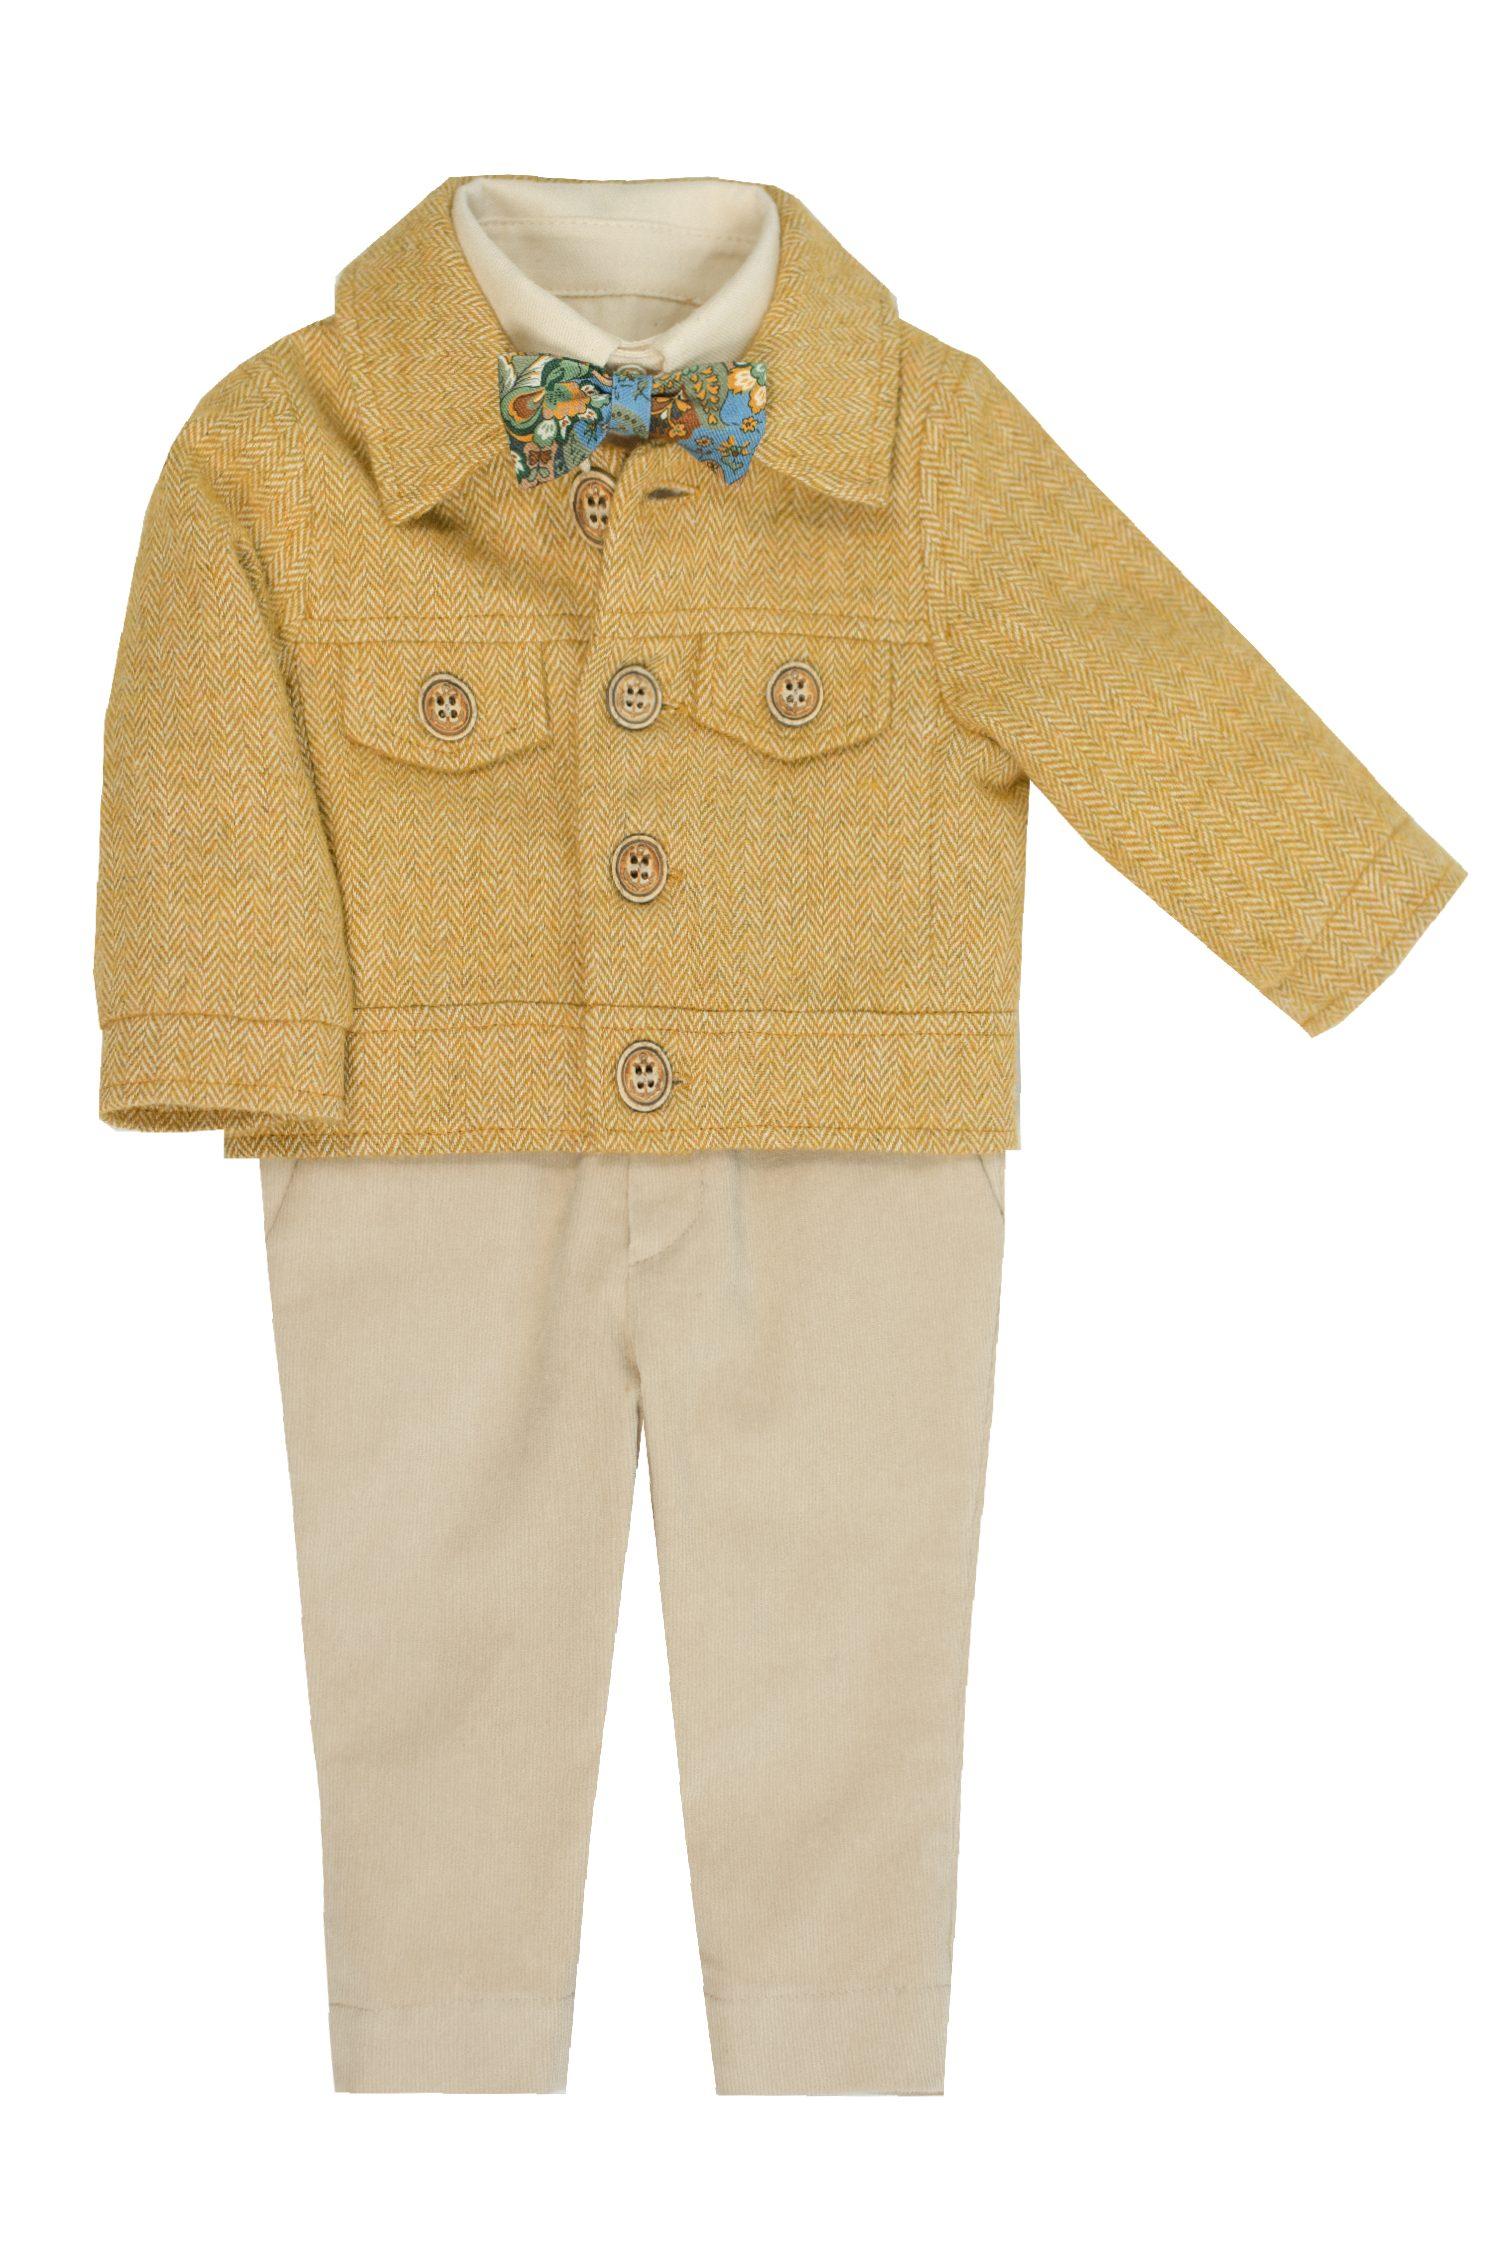 Costum de botez pentru băieți Emilian